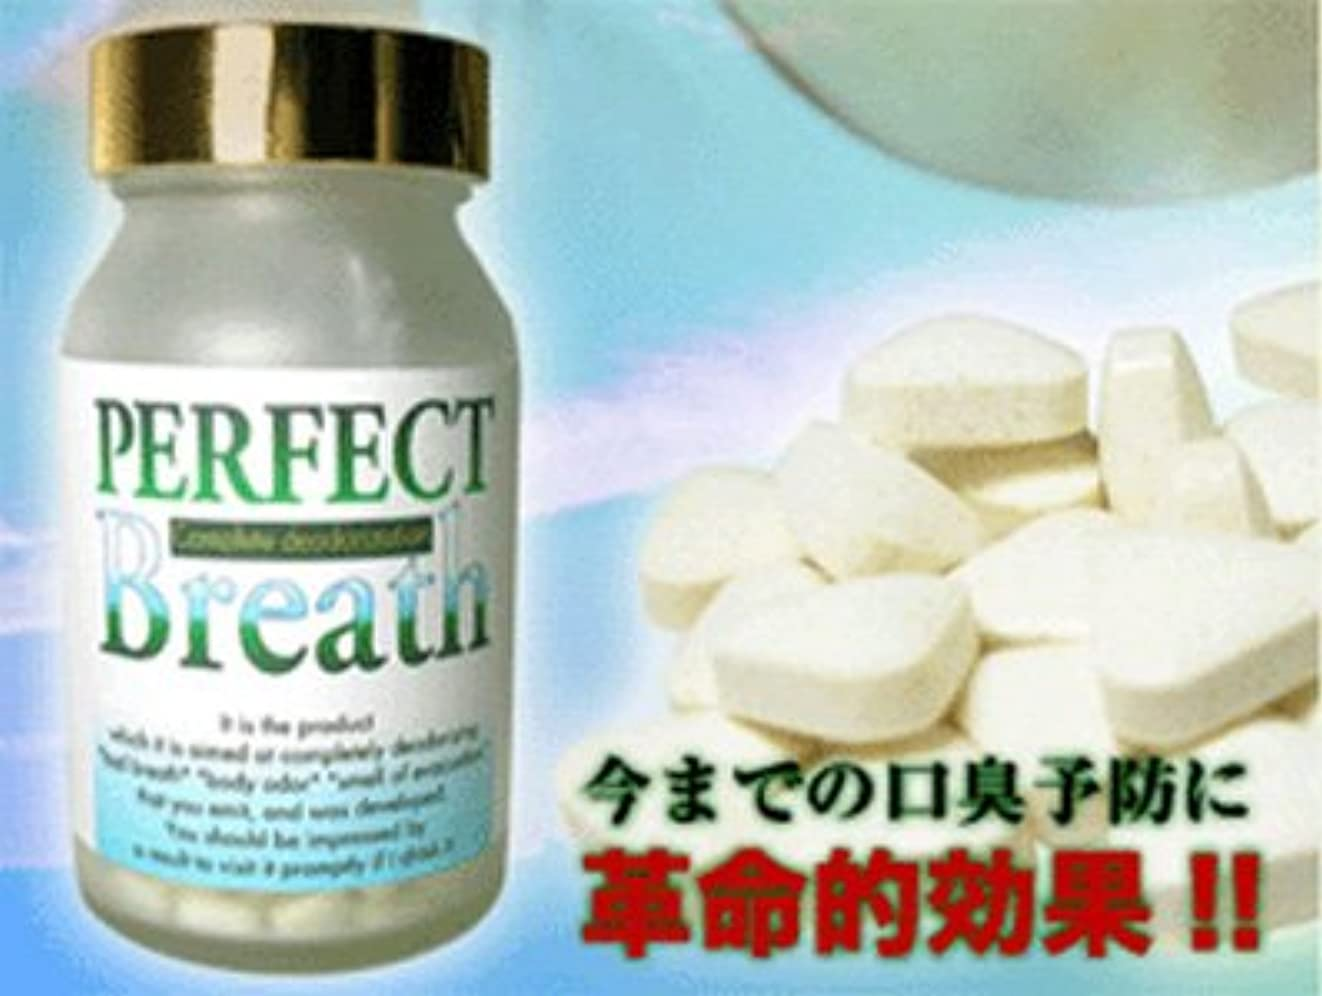 糸悪意のある硫黄シャンピニオン BX 100 配合!口臭除去 パーフェクト ブレス